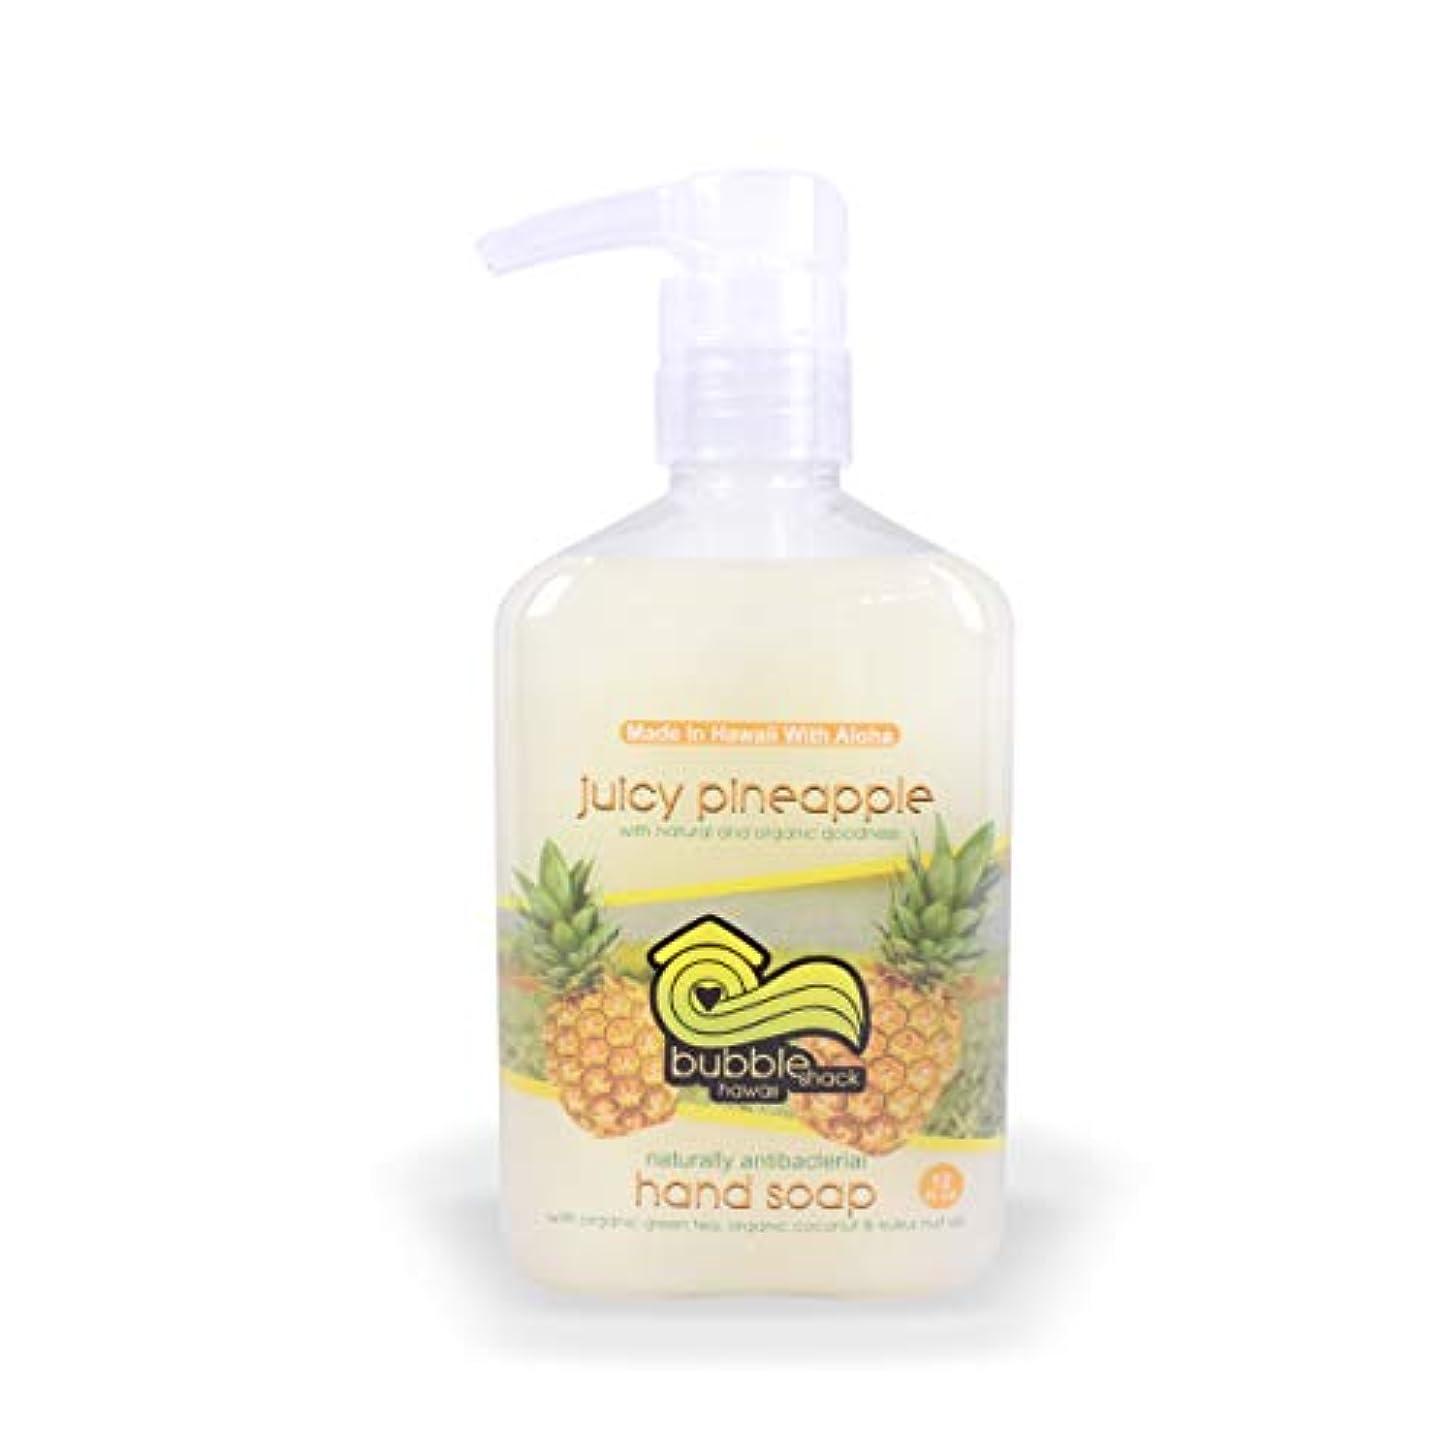 ウッズ純粋な試みる【正規輸入品】 バブルシャック?ハワイ Bubble shack Hand Soap ハンドソープ juicy pineapple ジューシーパイナップル 340ml